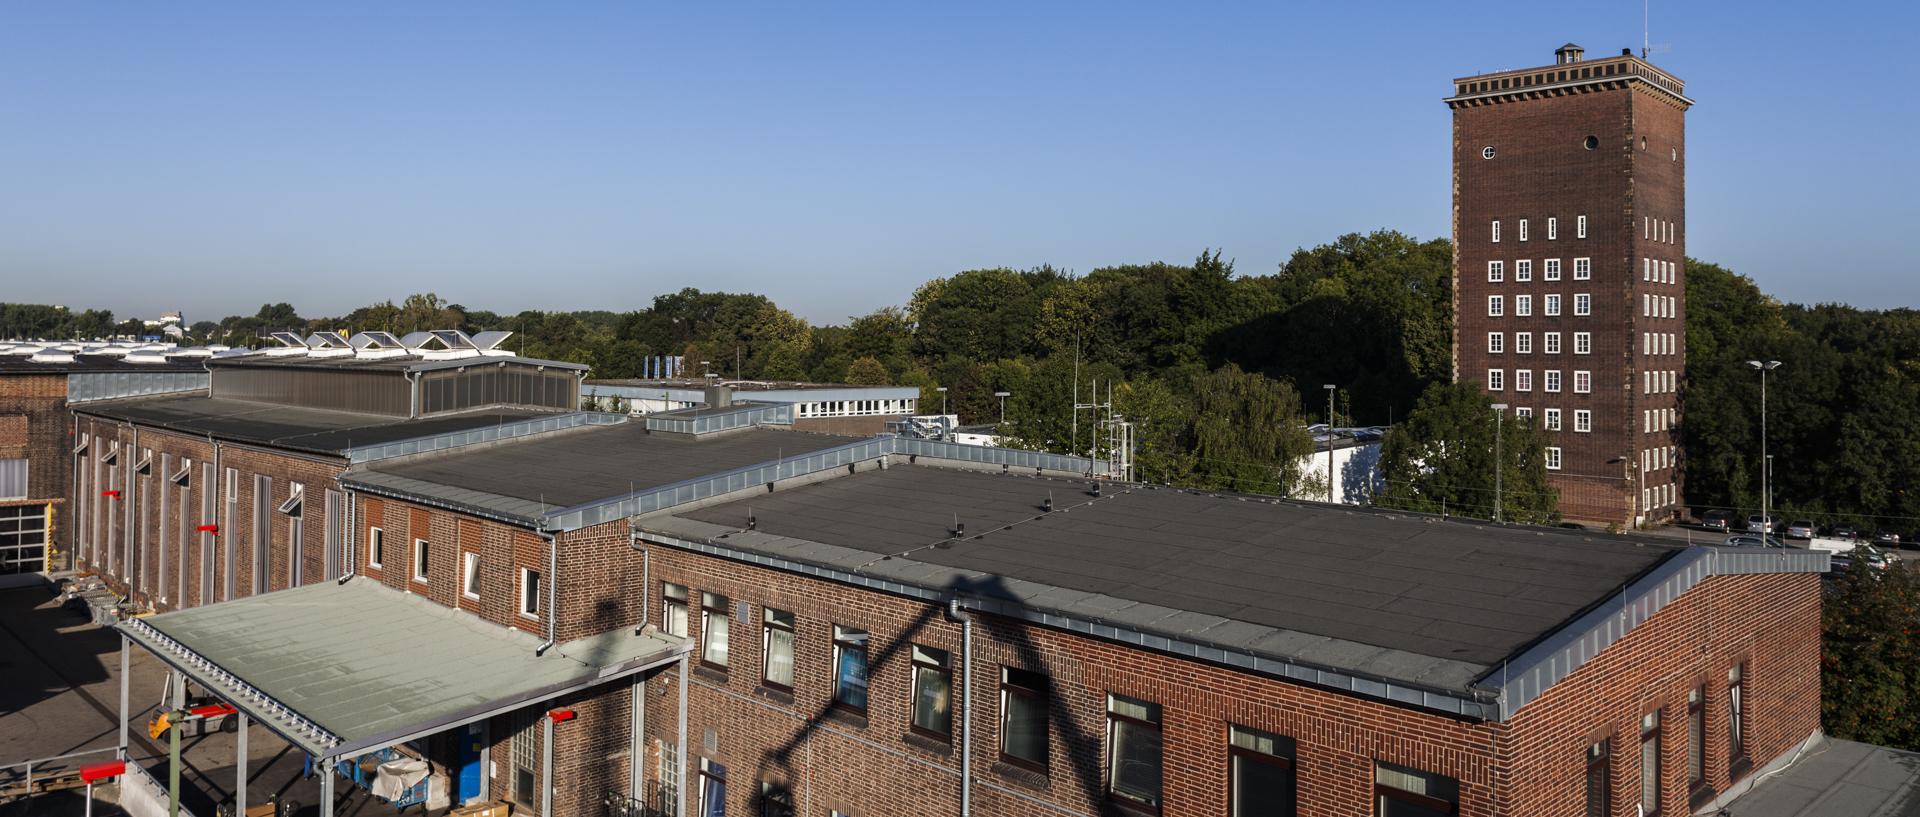 Theo Milte - Privatbau - Sanierung - Flachdach